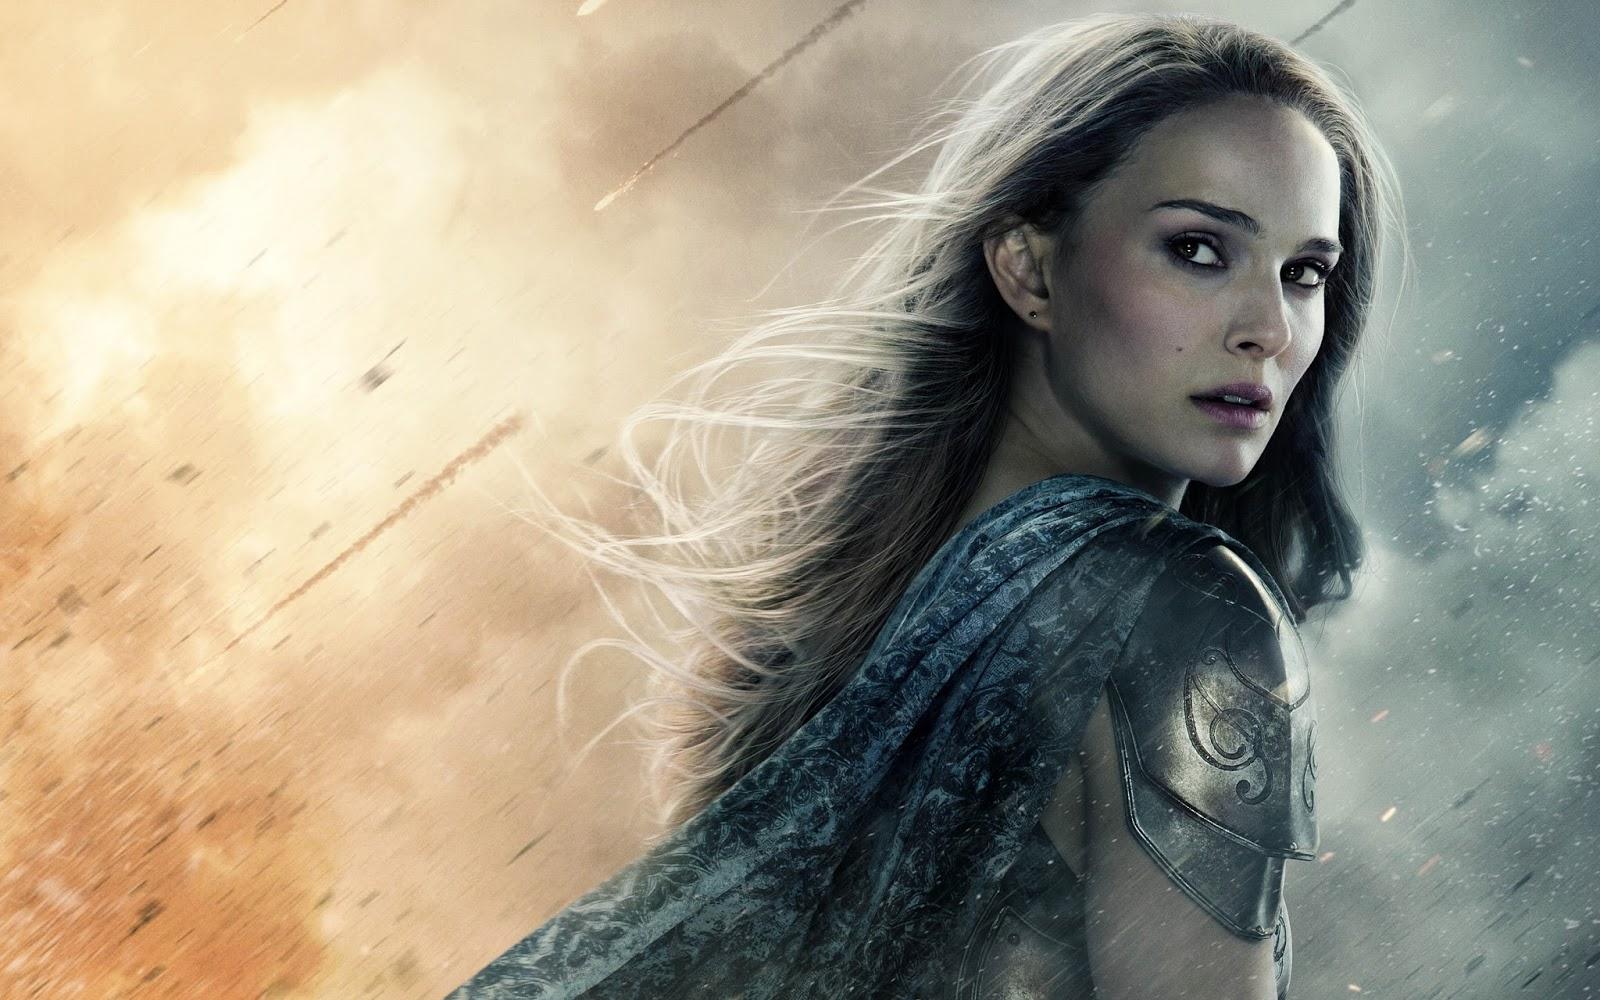 Natalie Portman Thor The Dark World Movie Wallpaper